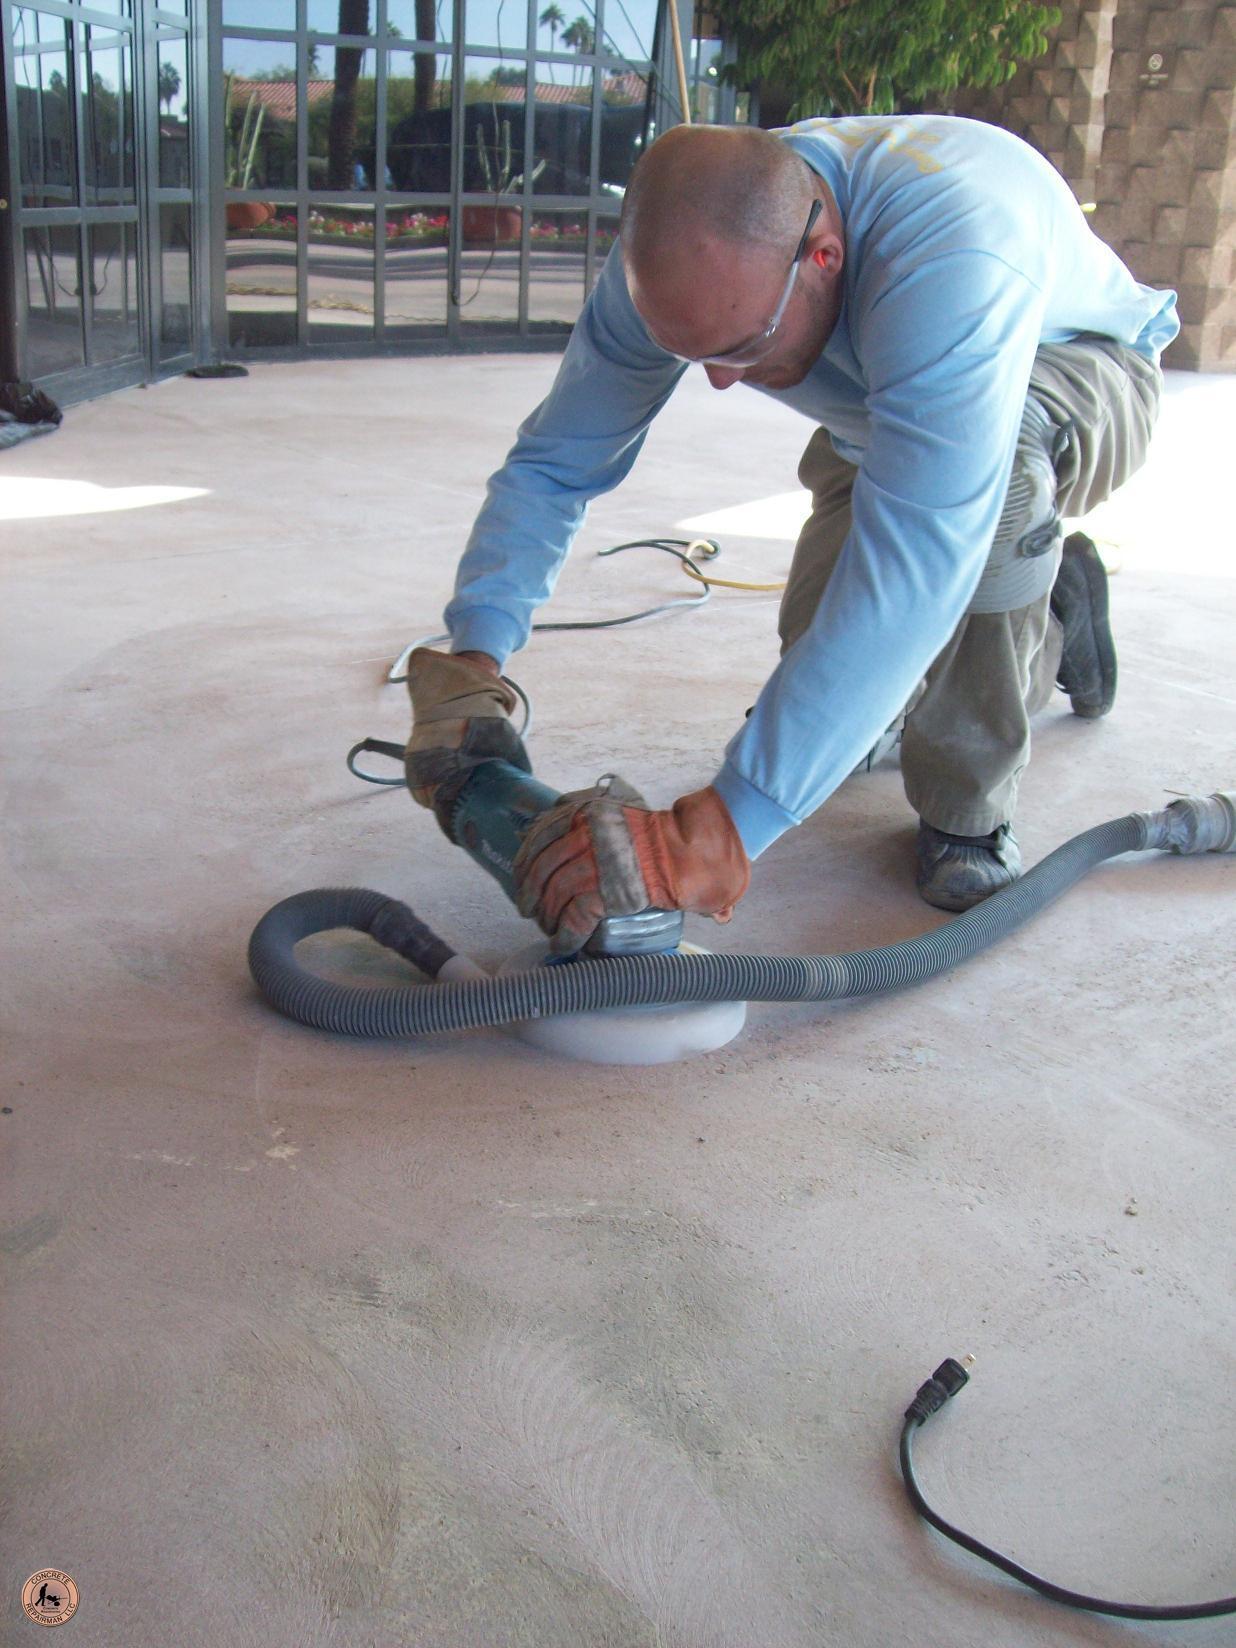 Grinding Concrete Concrete Repairman Grinding Concrete